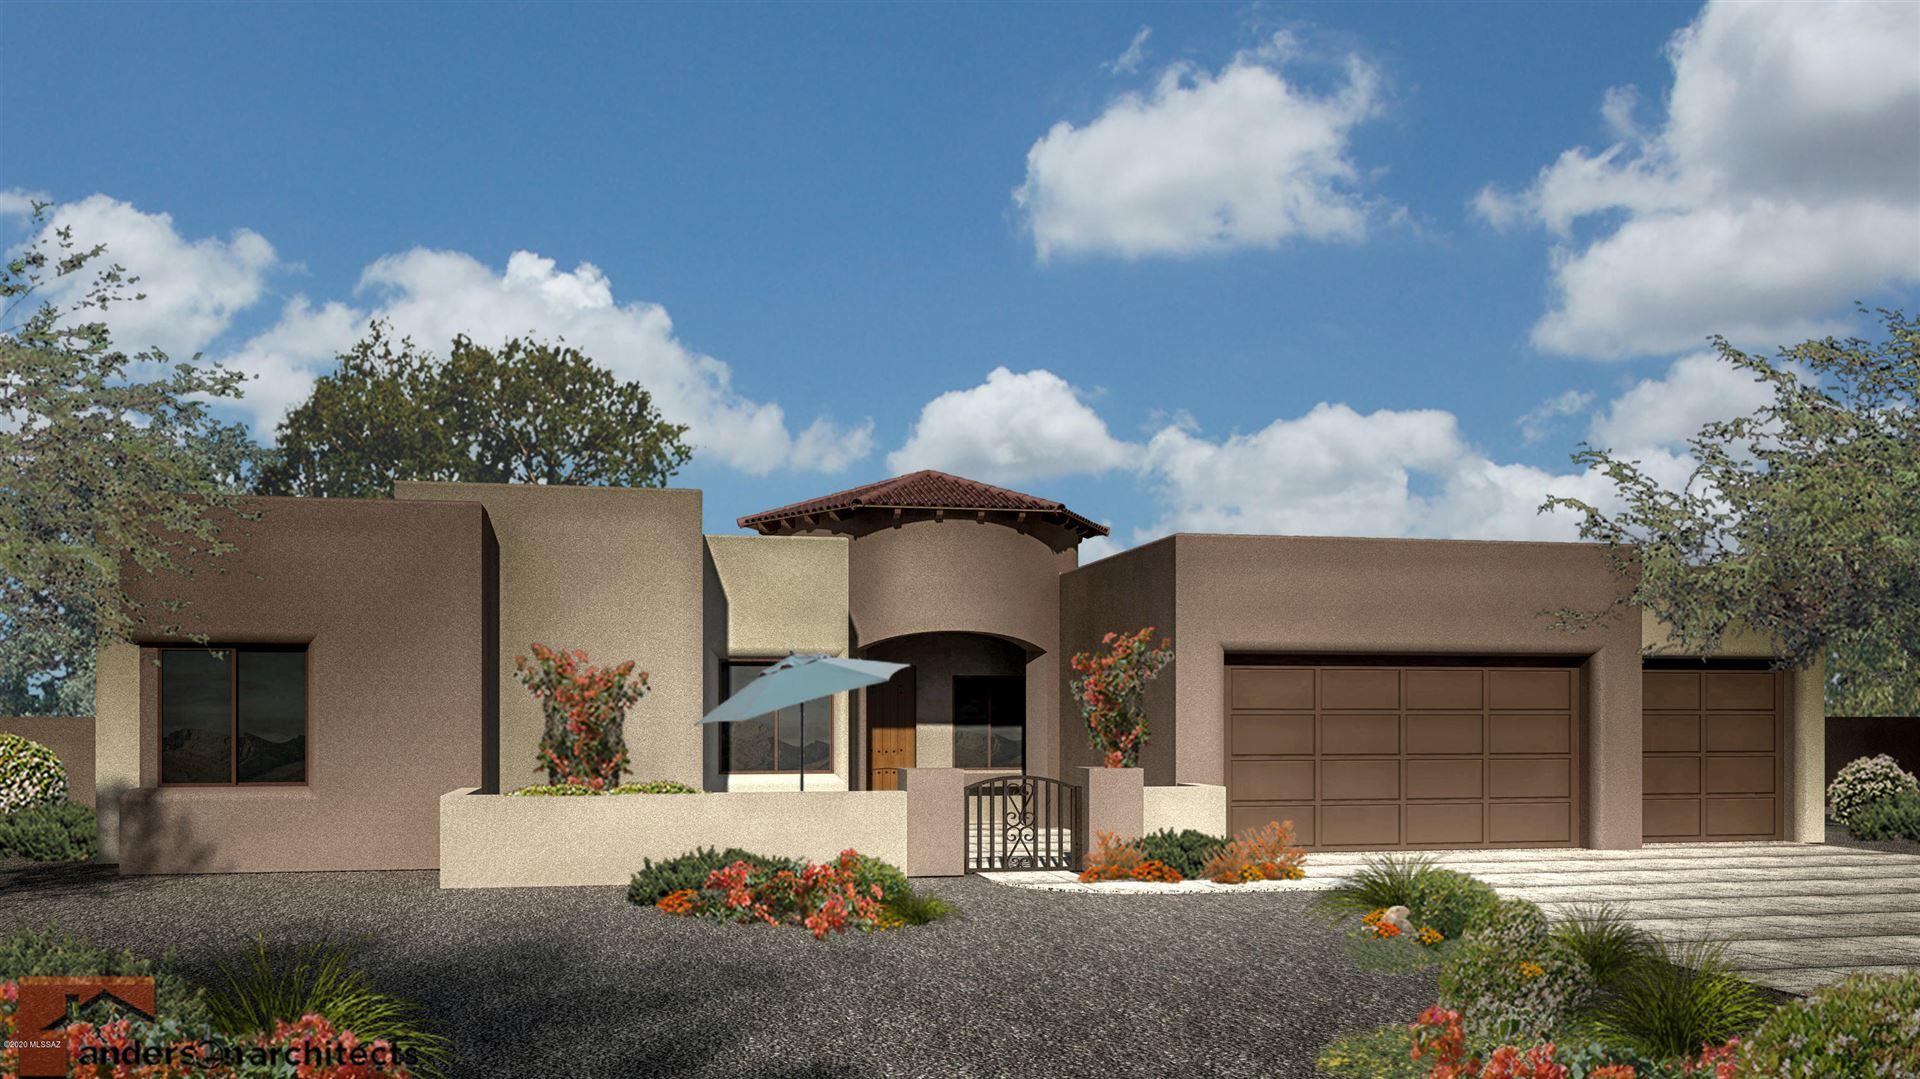 14419 E Flamingo Crescent Place, Vail, AZ 85641 - MLS#: 22023766